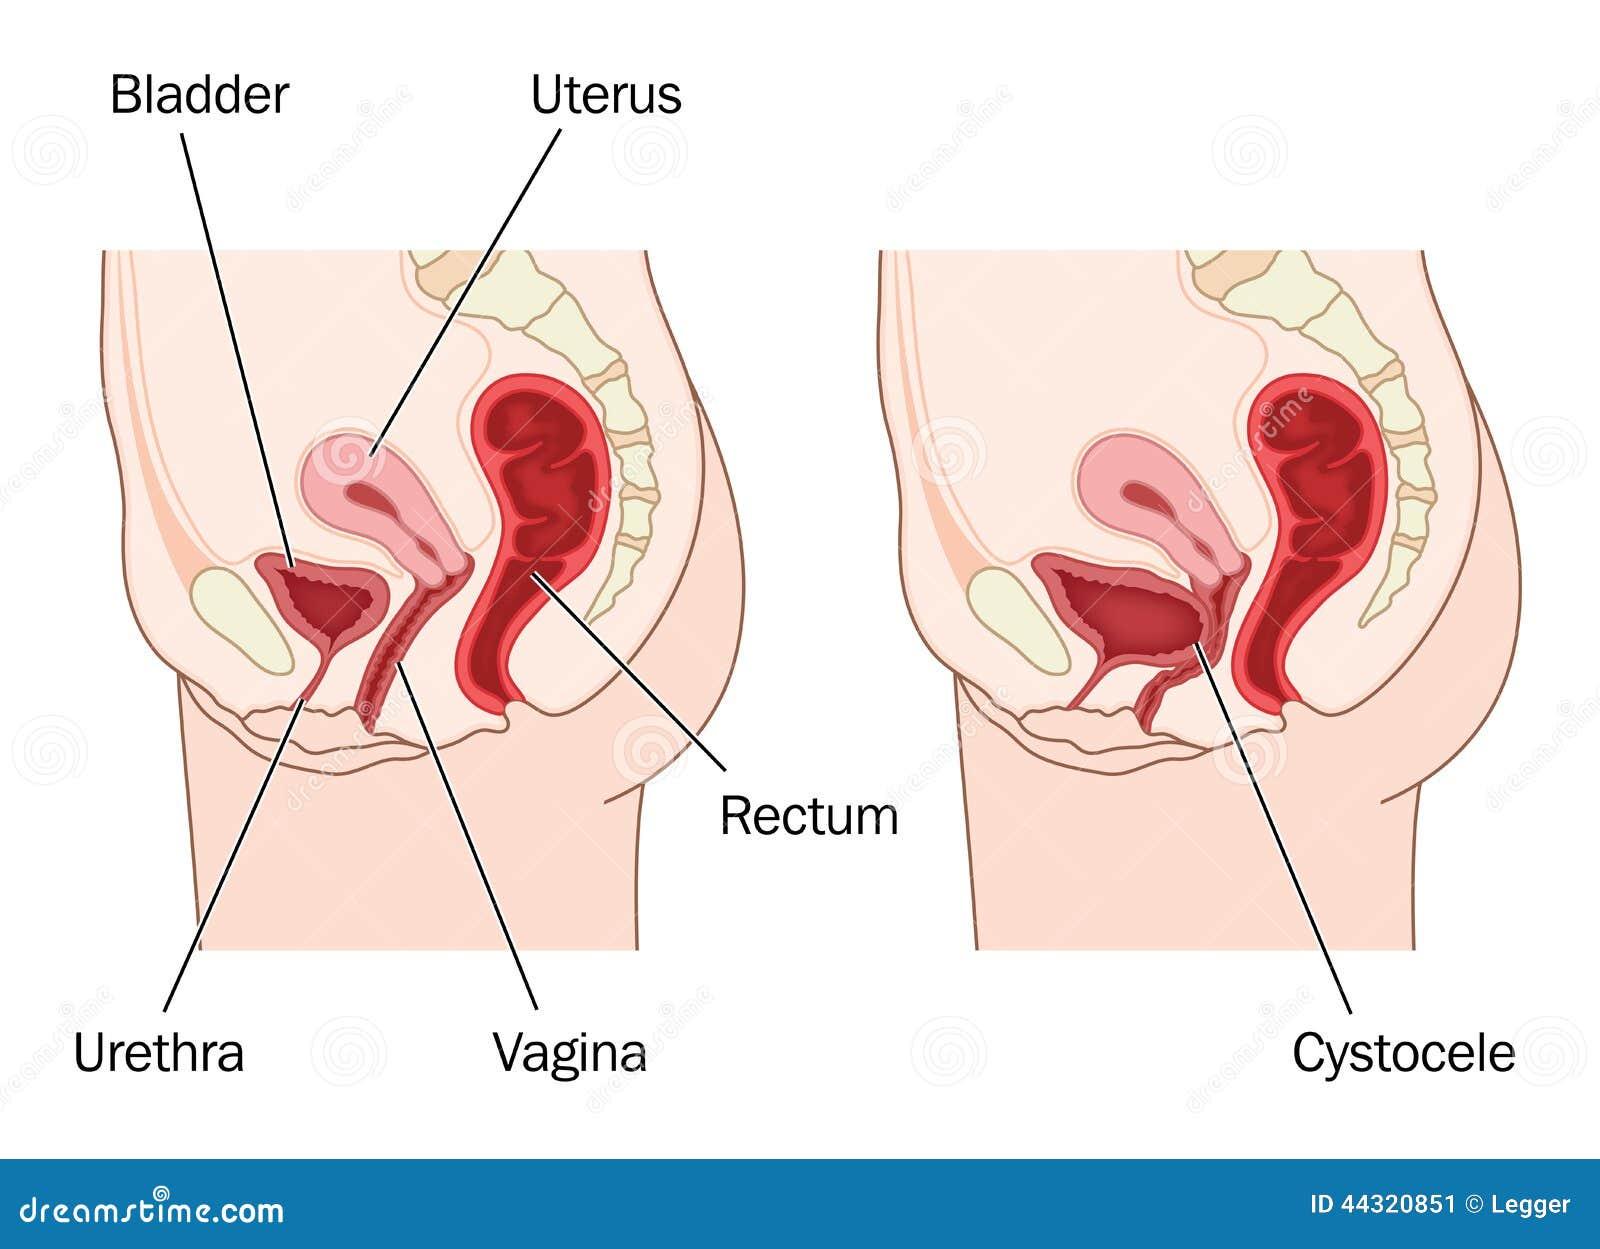 Предметы в мужской уретре 2 фотография